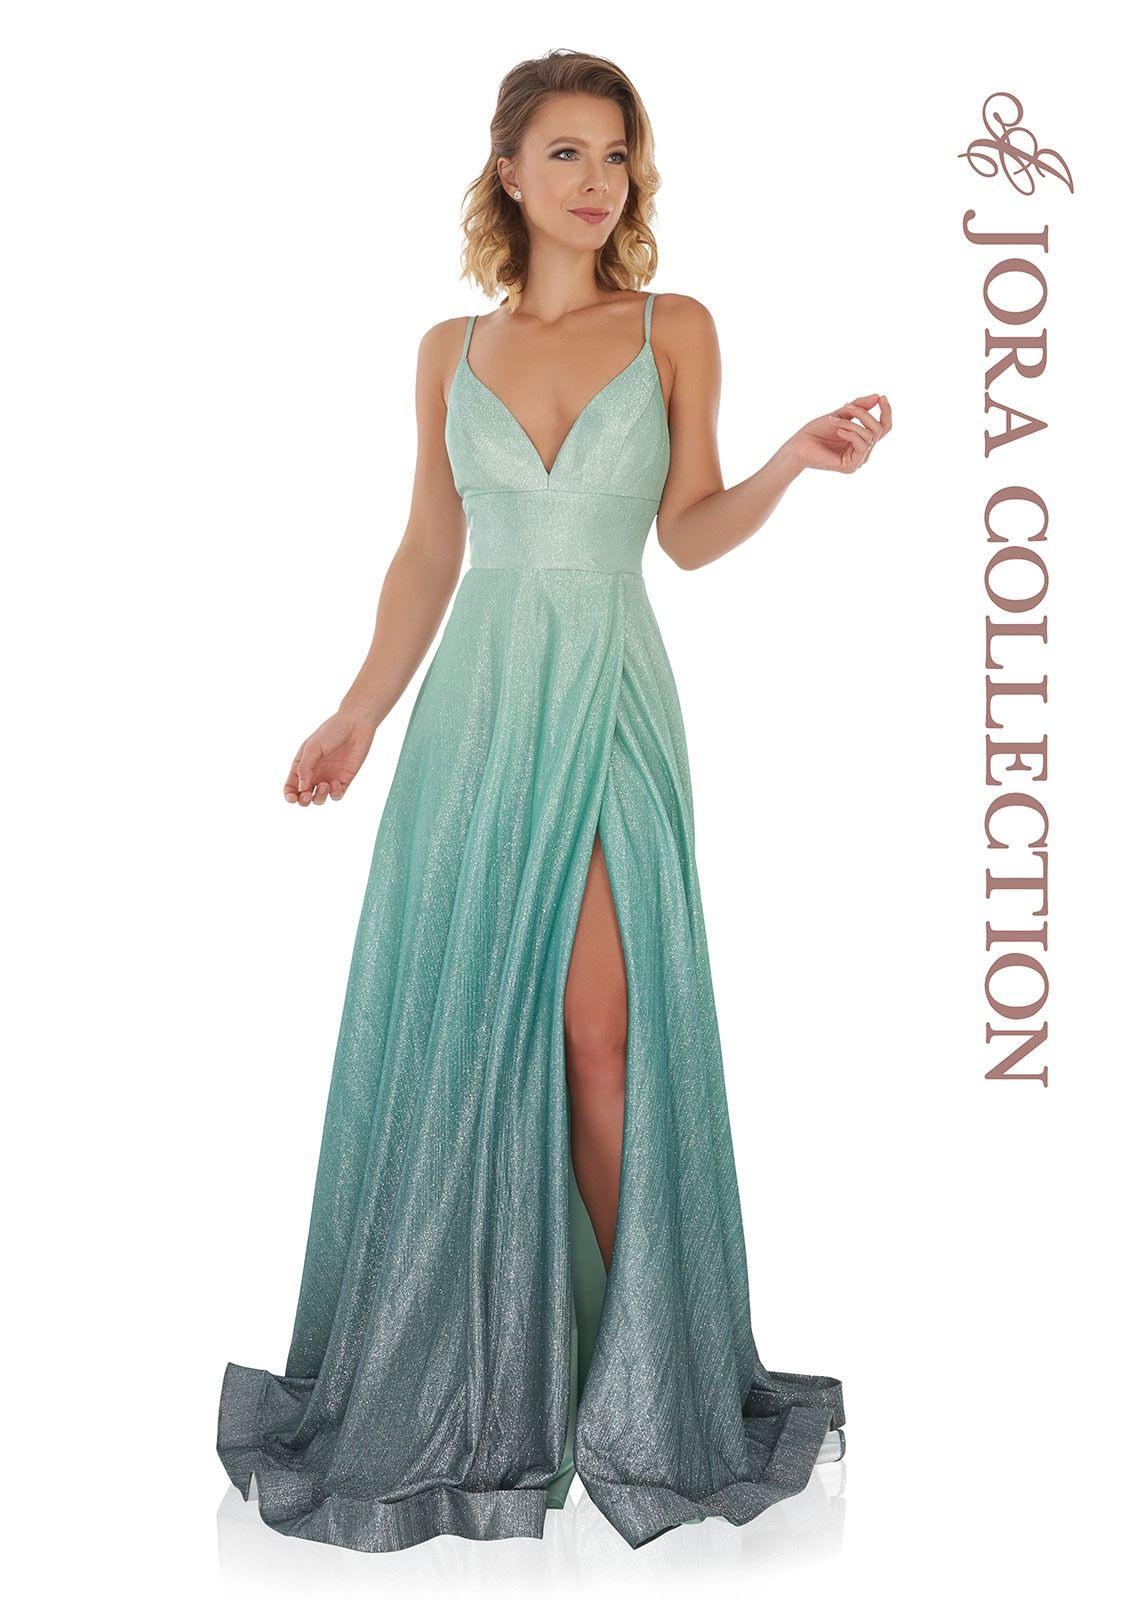 Abend Schön Abendkleider Jora für 2019 Top Abendkleider Jora Design